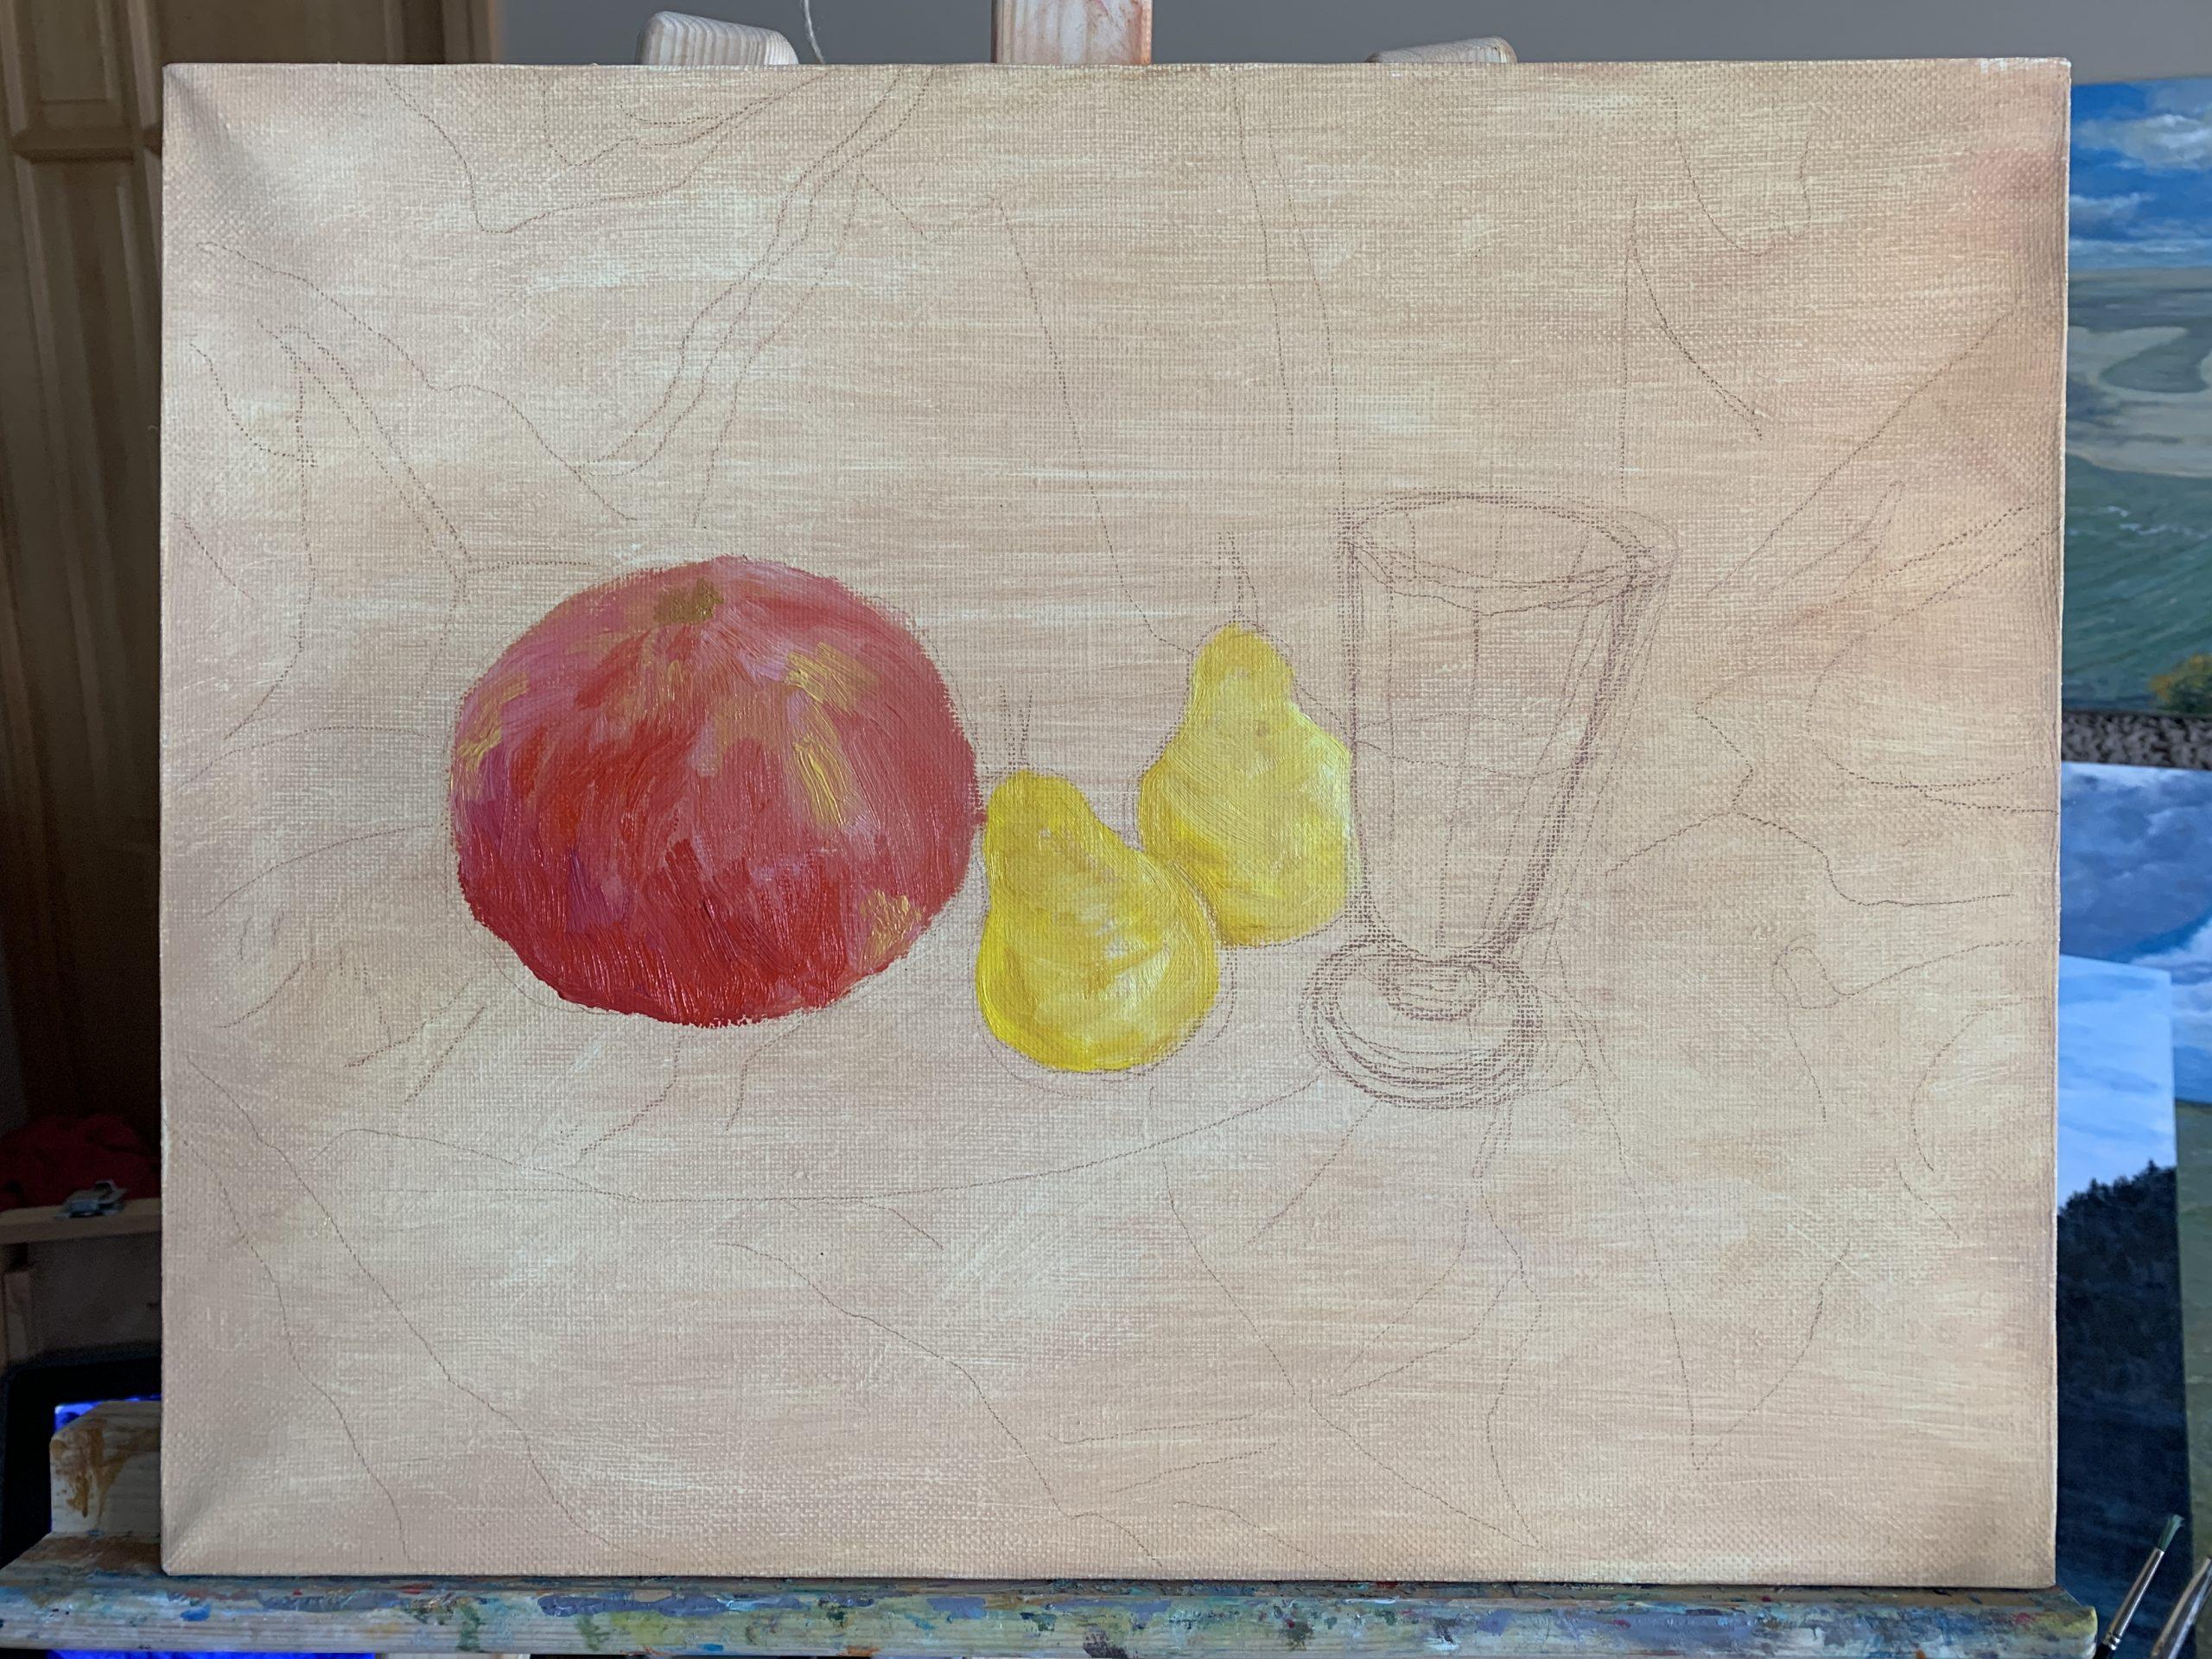 натюрморт картина фрукты бокал масло холст художник Альберт Сафиуллин